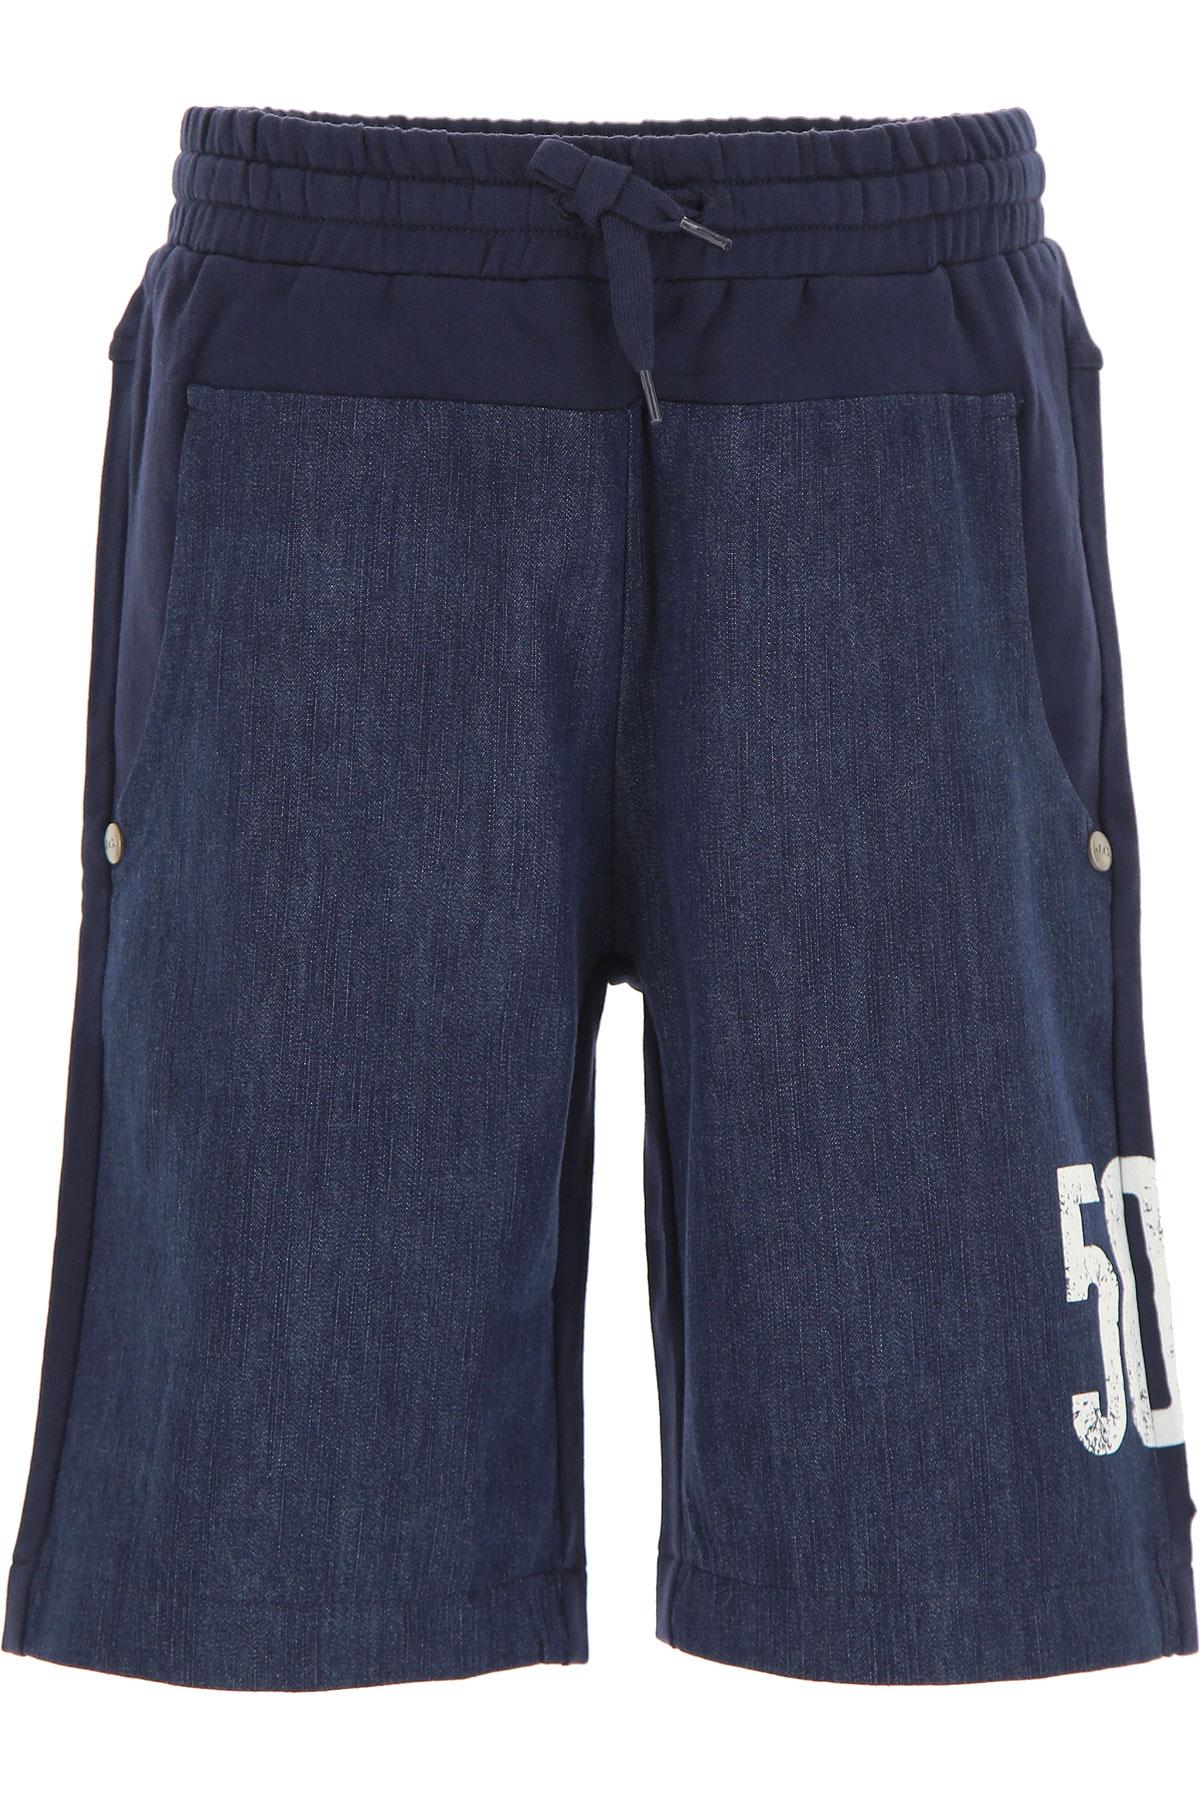 Galliano Kids Shorts for Boys On Sale, navy, Cotton, 2019, 10Y 16Y 4Y 6Y 8Y